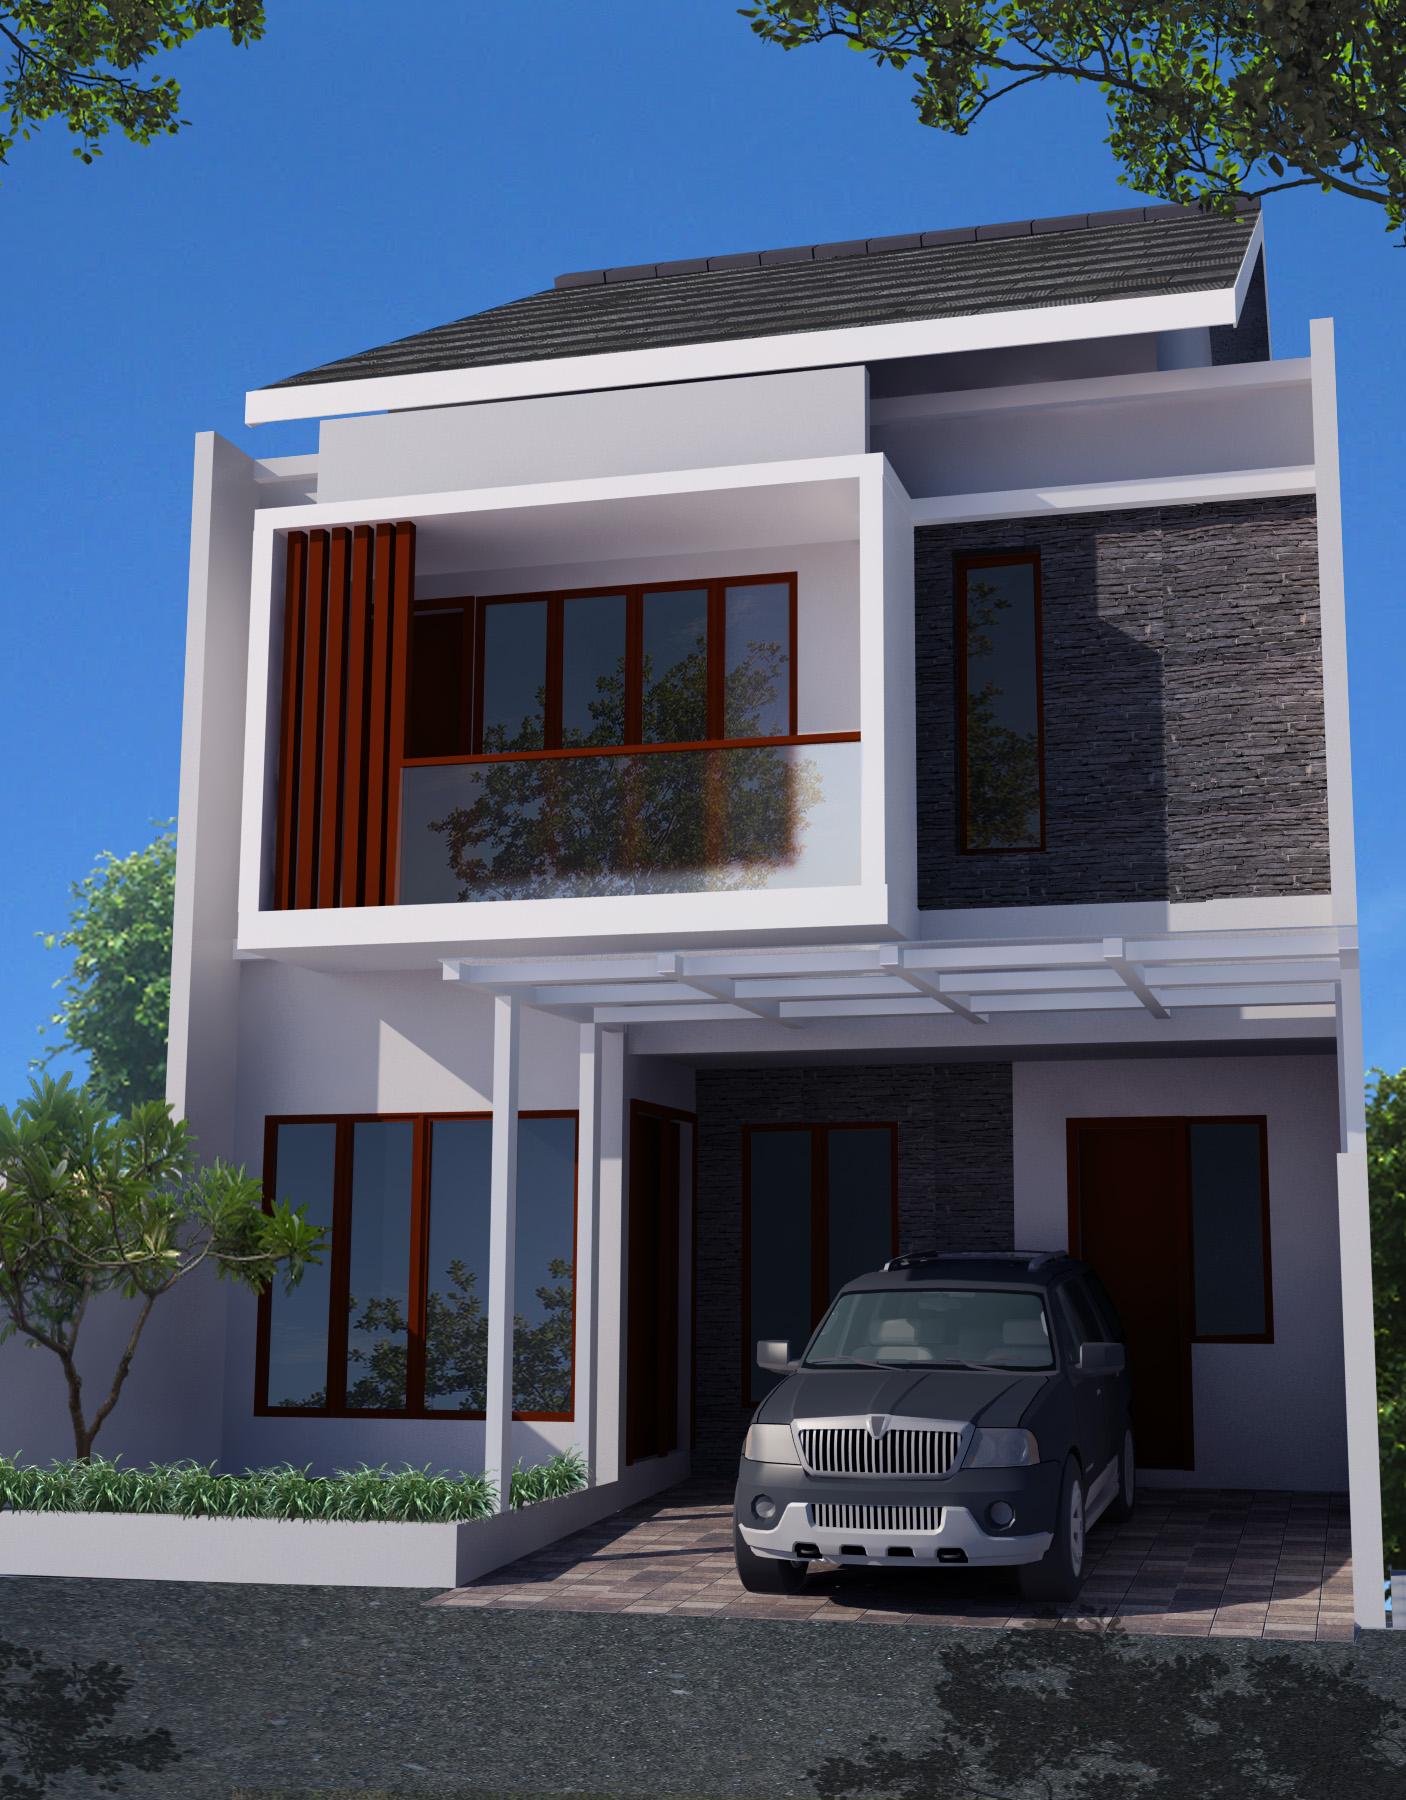 Desain Rumah Minimalis 2 Lantai Di Lahan 8 X 15 M2 Studio Desain